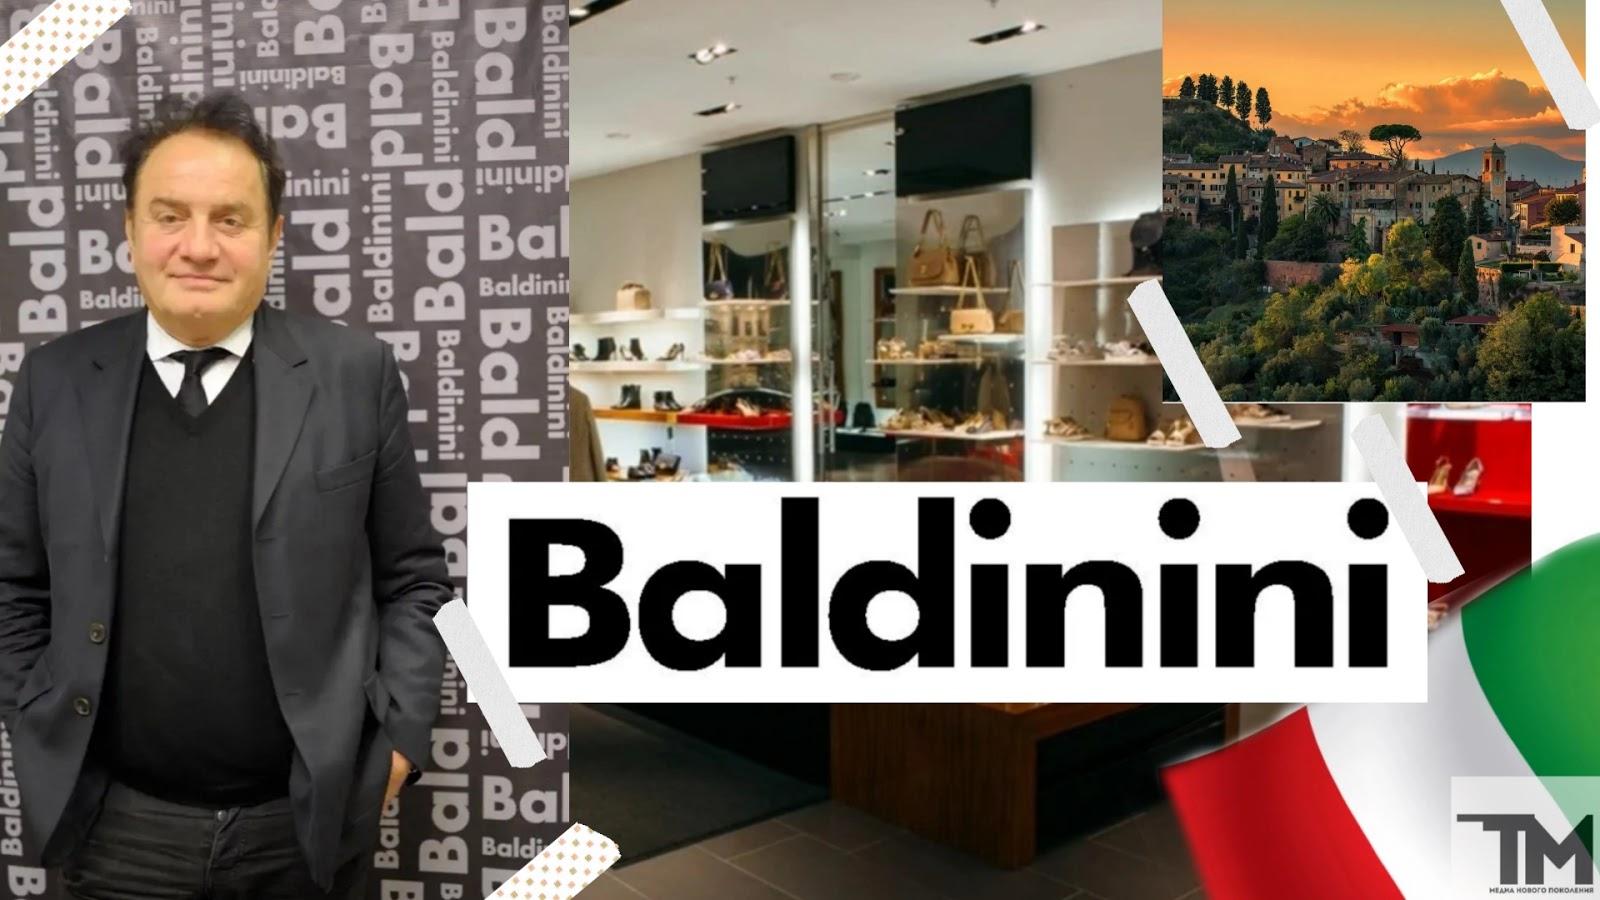 Baldinini: известный на весь мир семейный бизнес